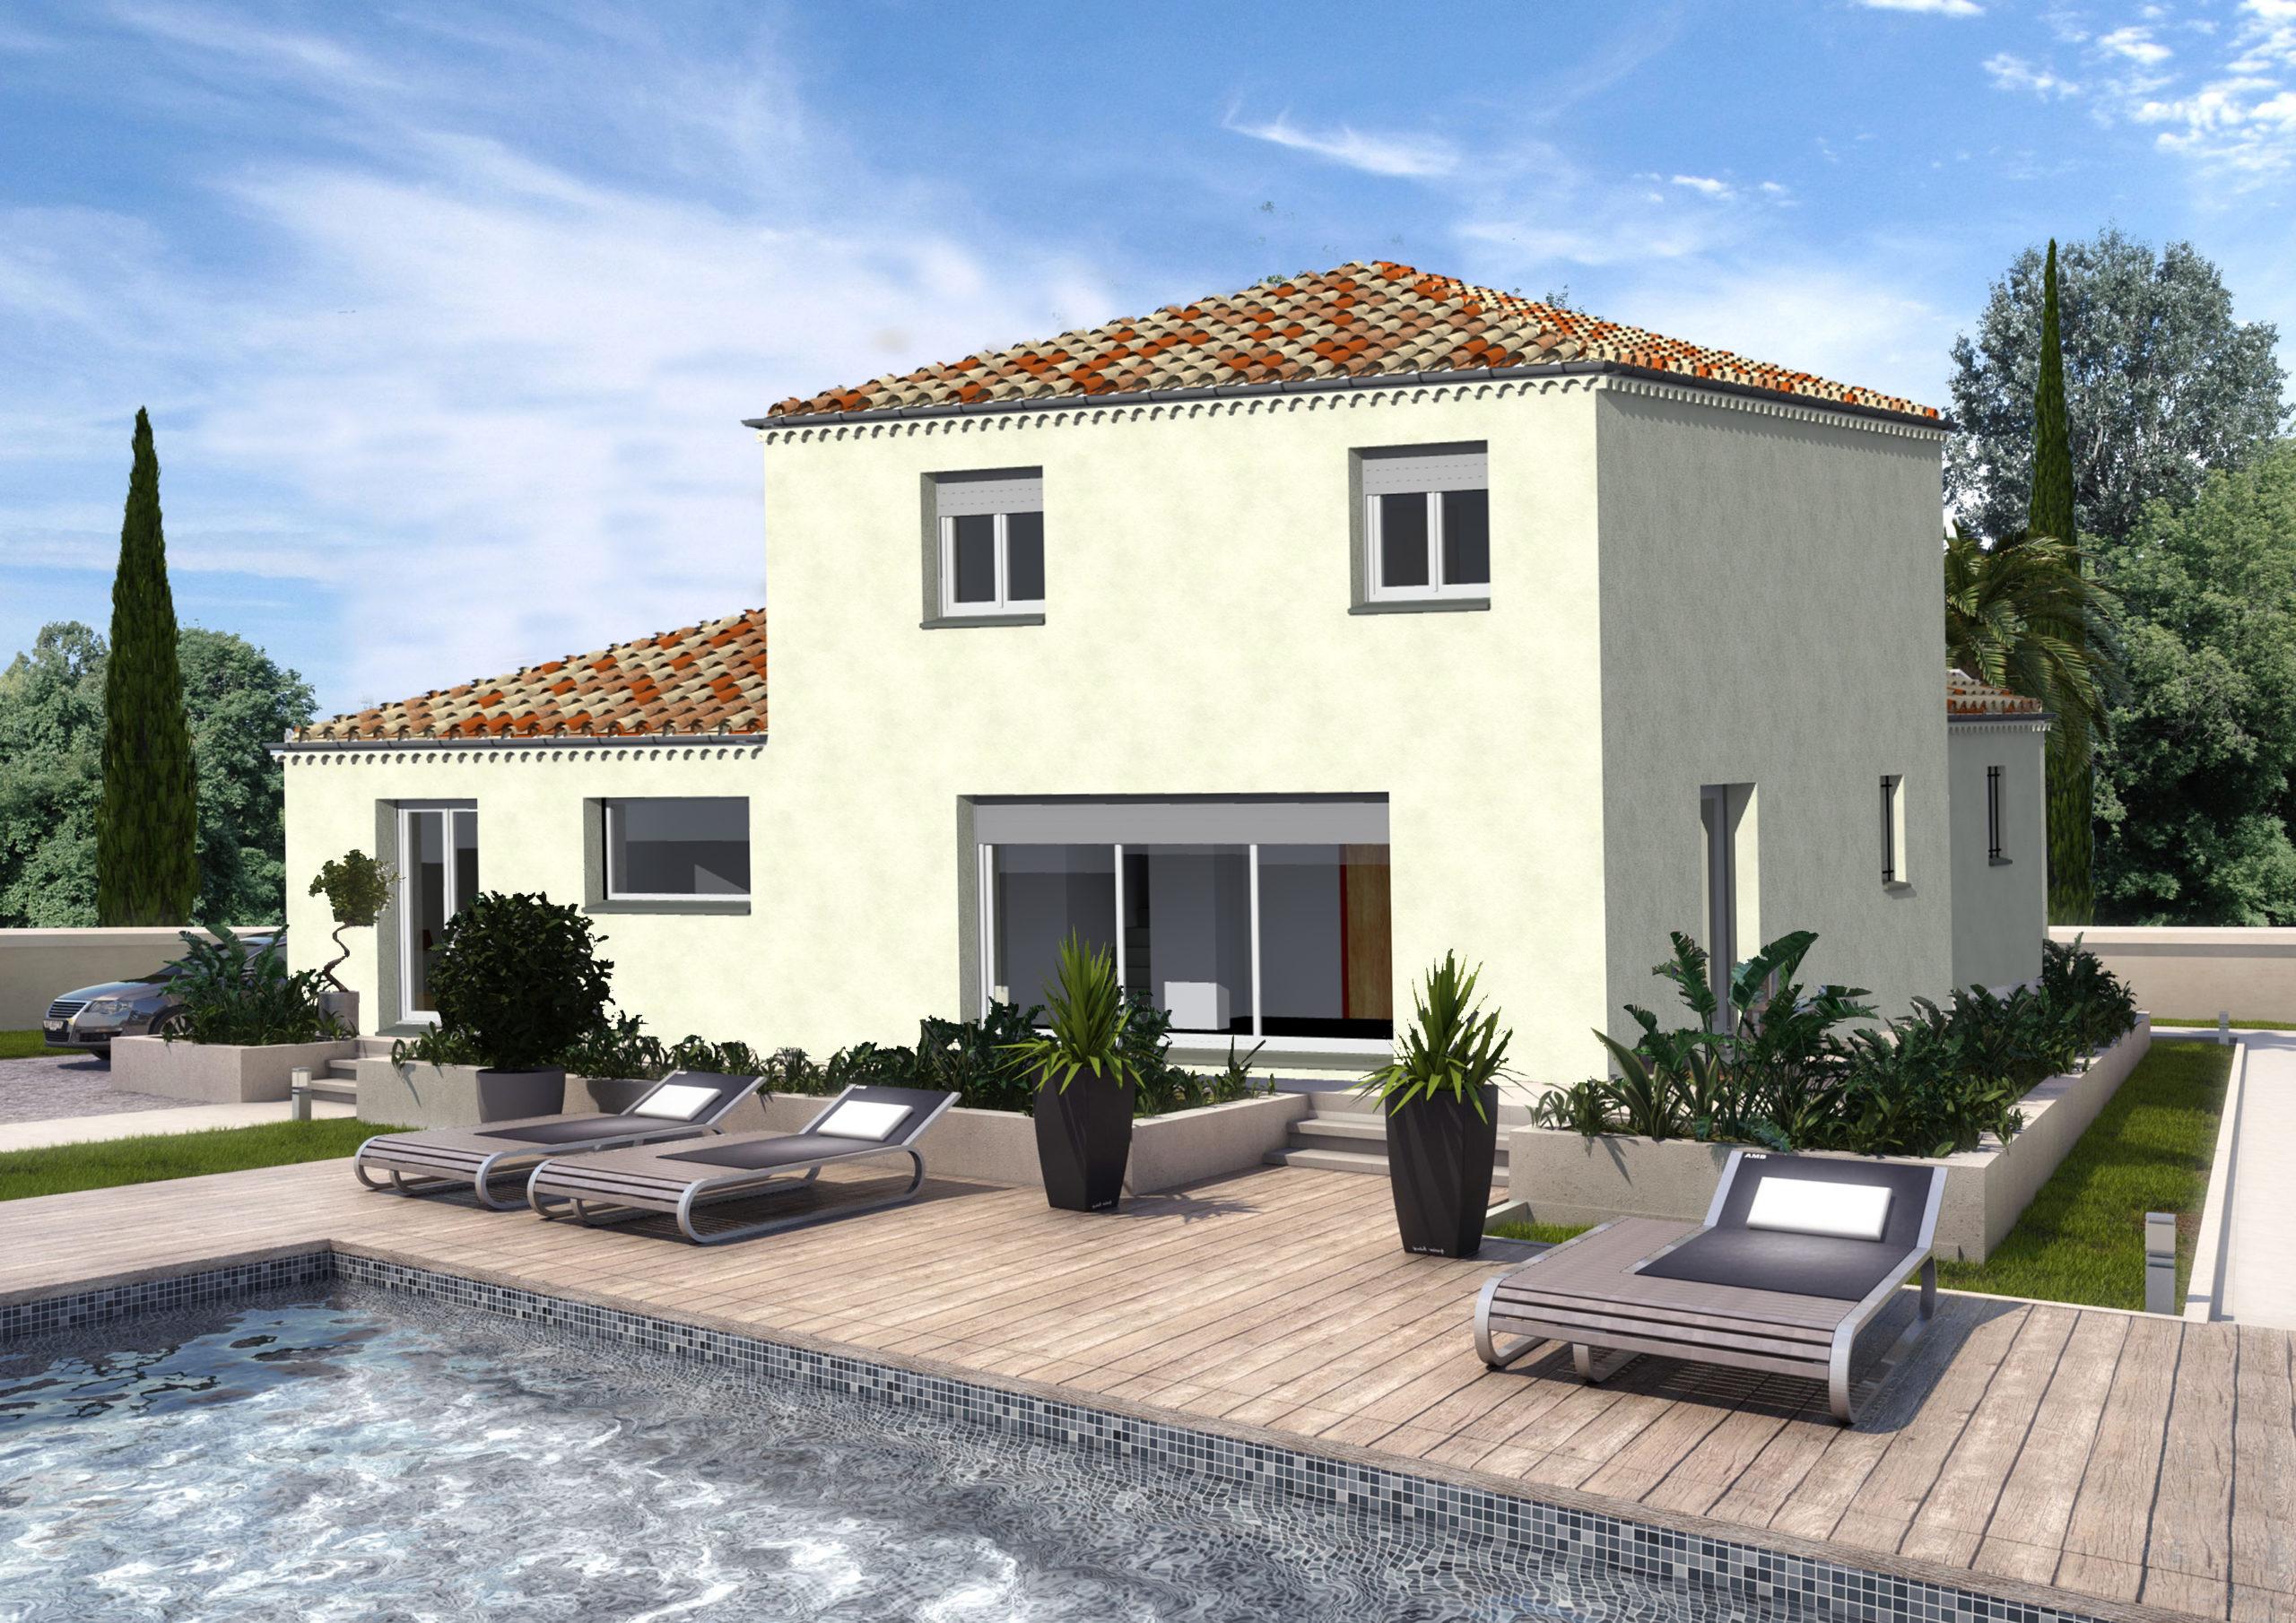 Maison Neuve De 90m2 Situee A Eurre En Drome 123 Chez Moi